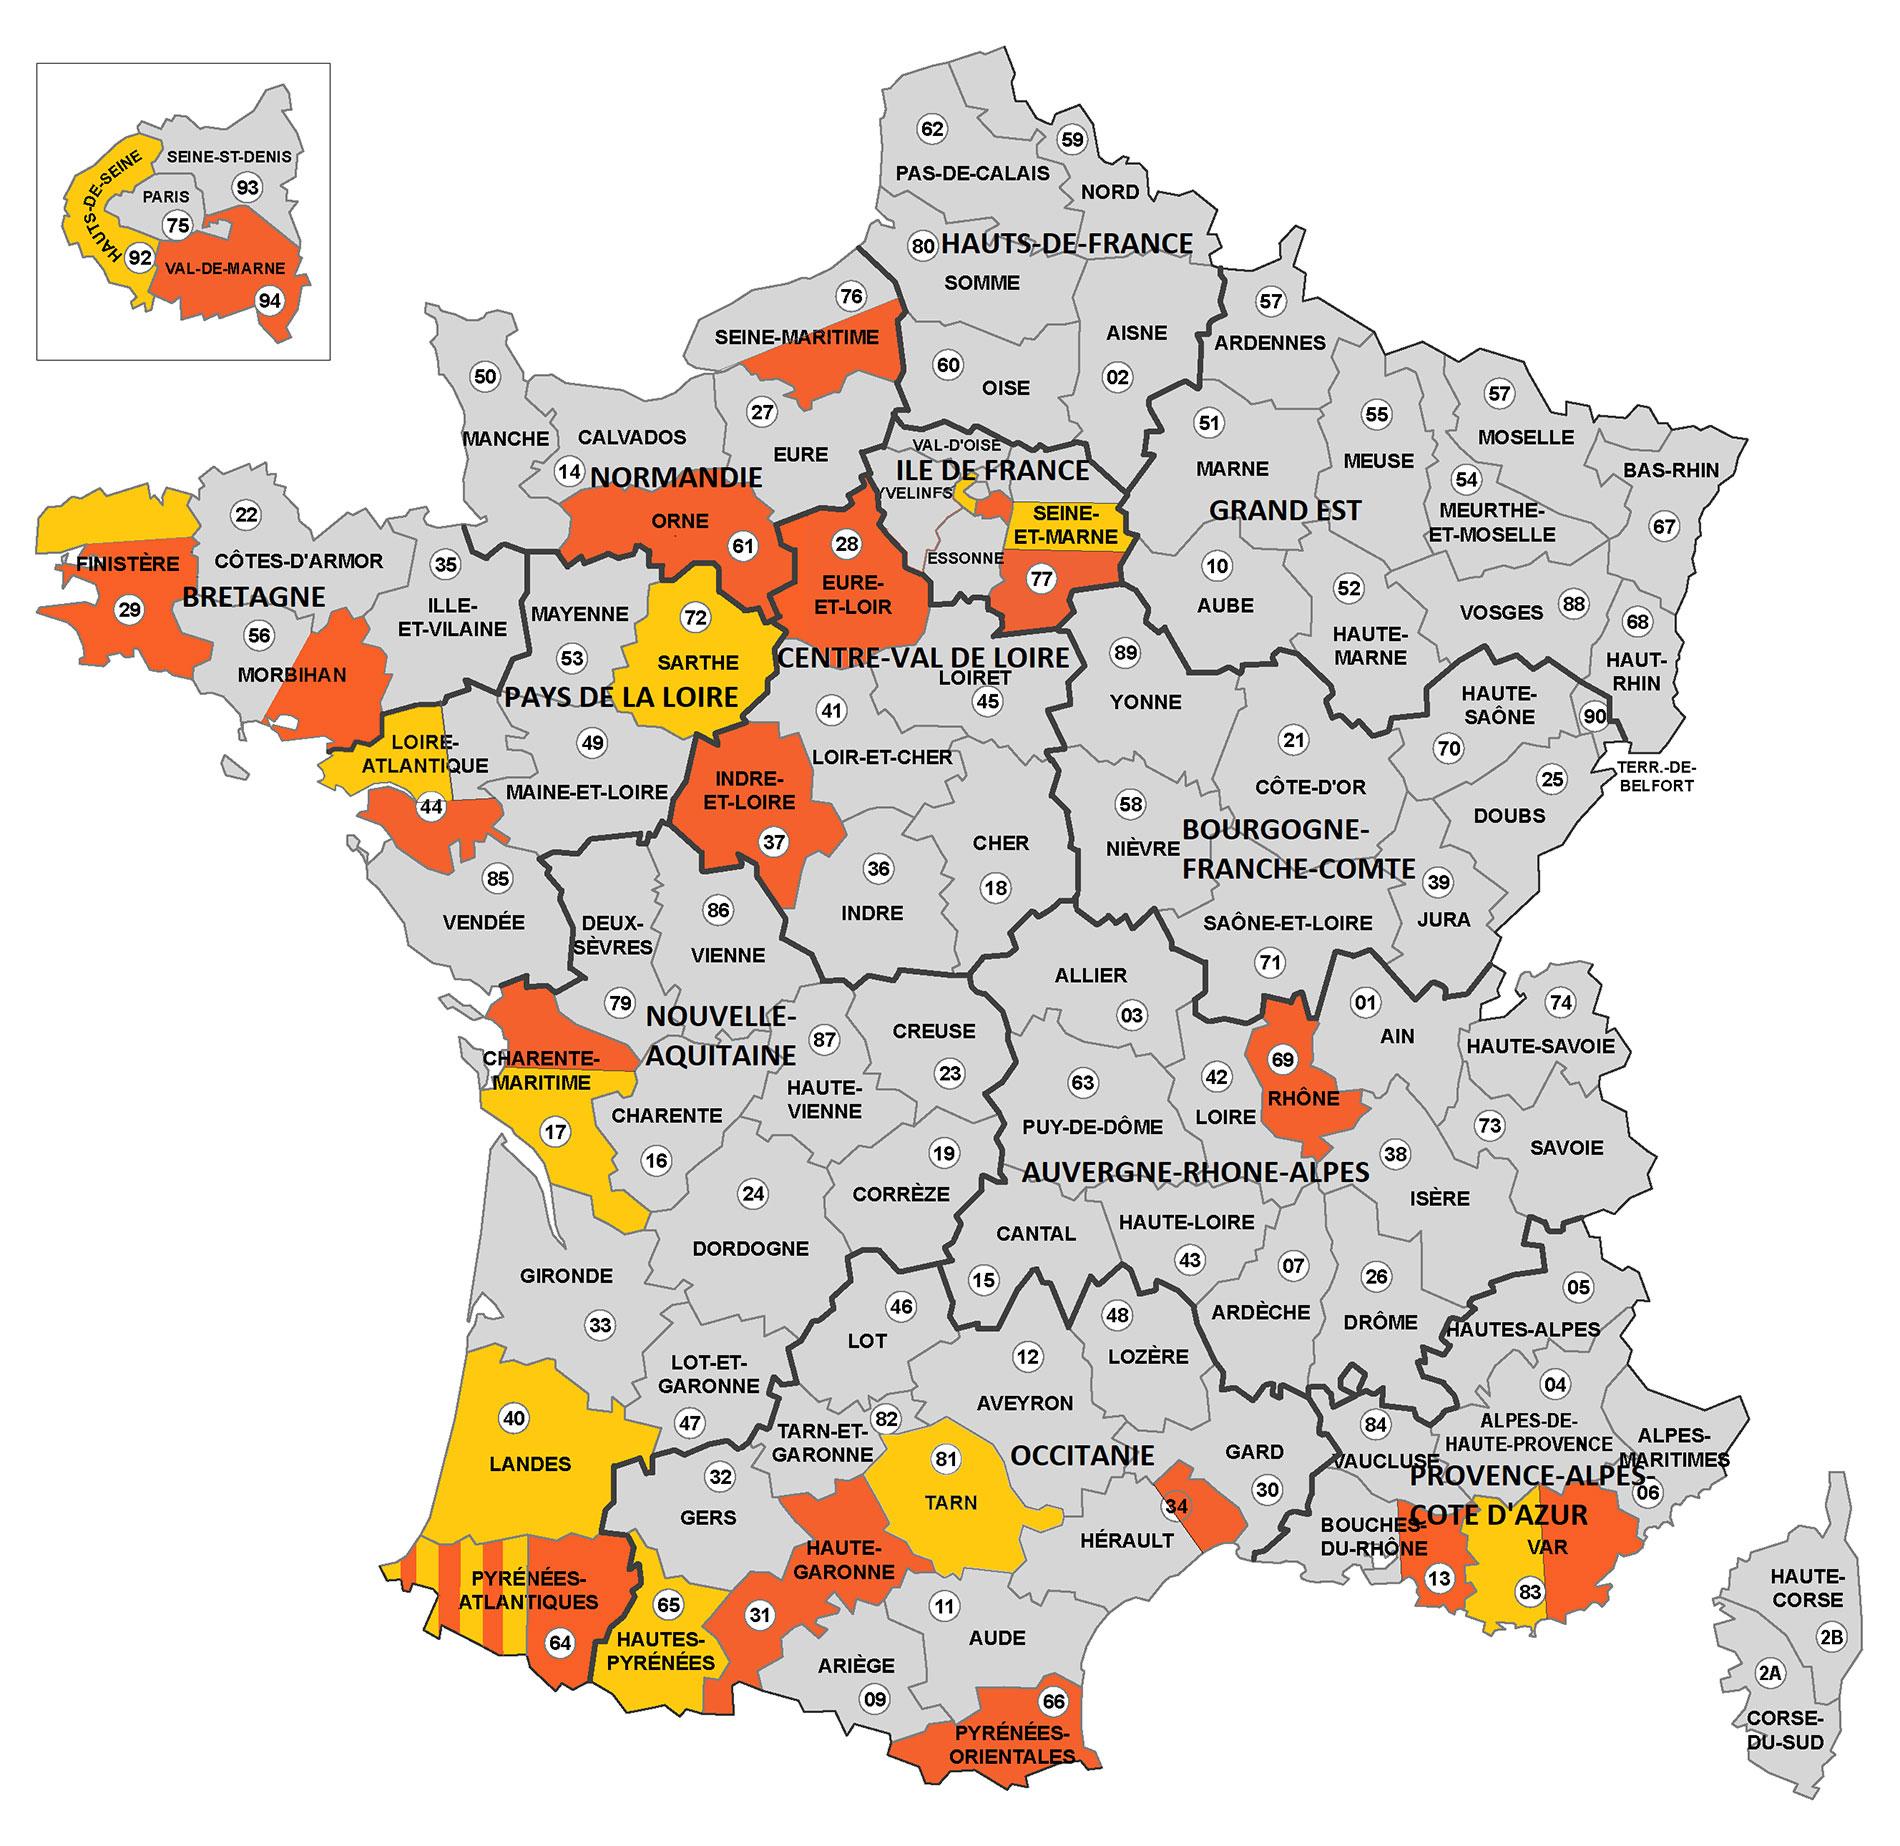 Carte-France-Implantation-Departements-Regions - Réseau dedans Départements Et Régions De France